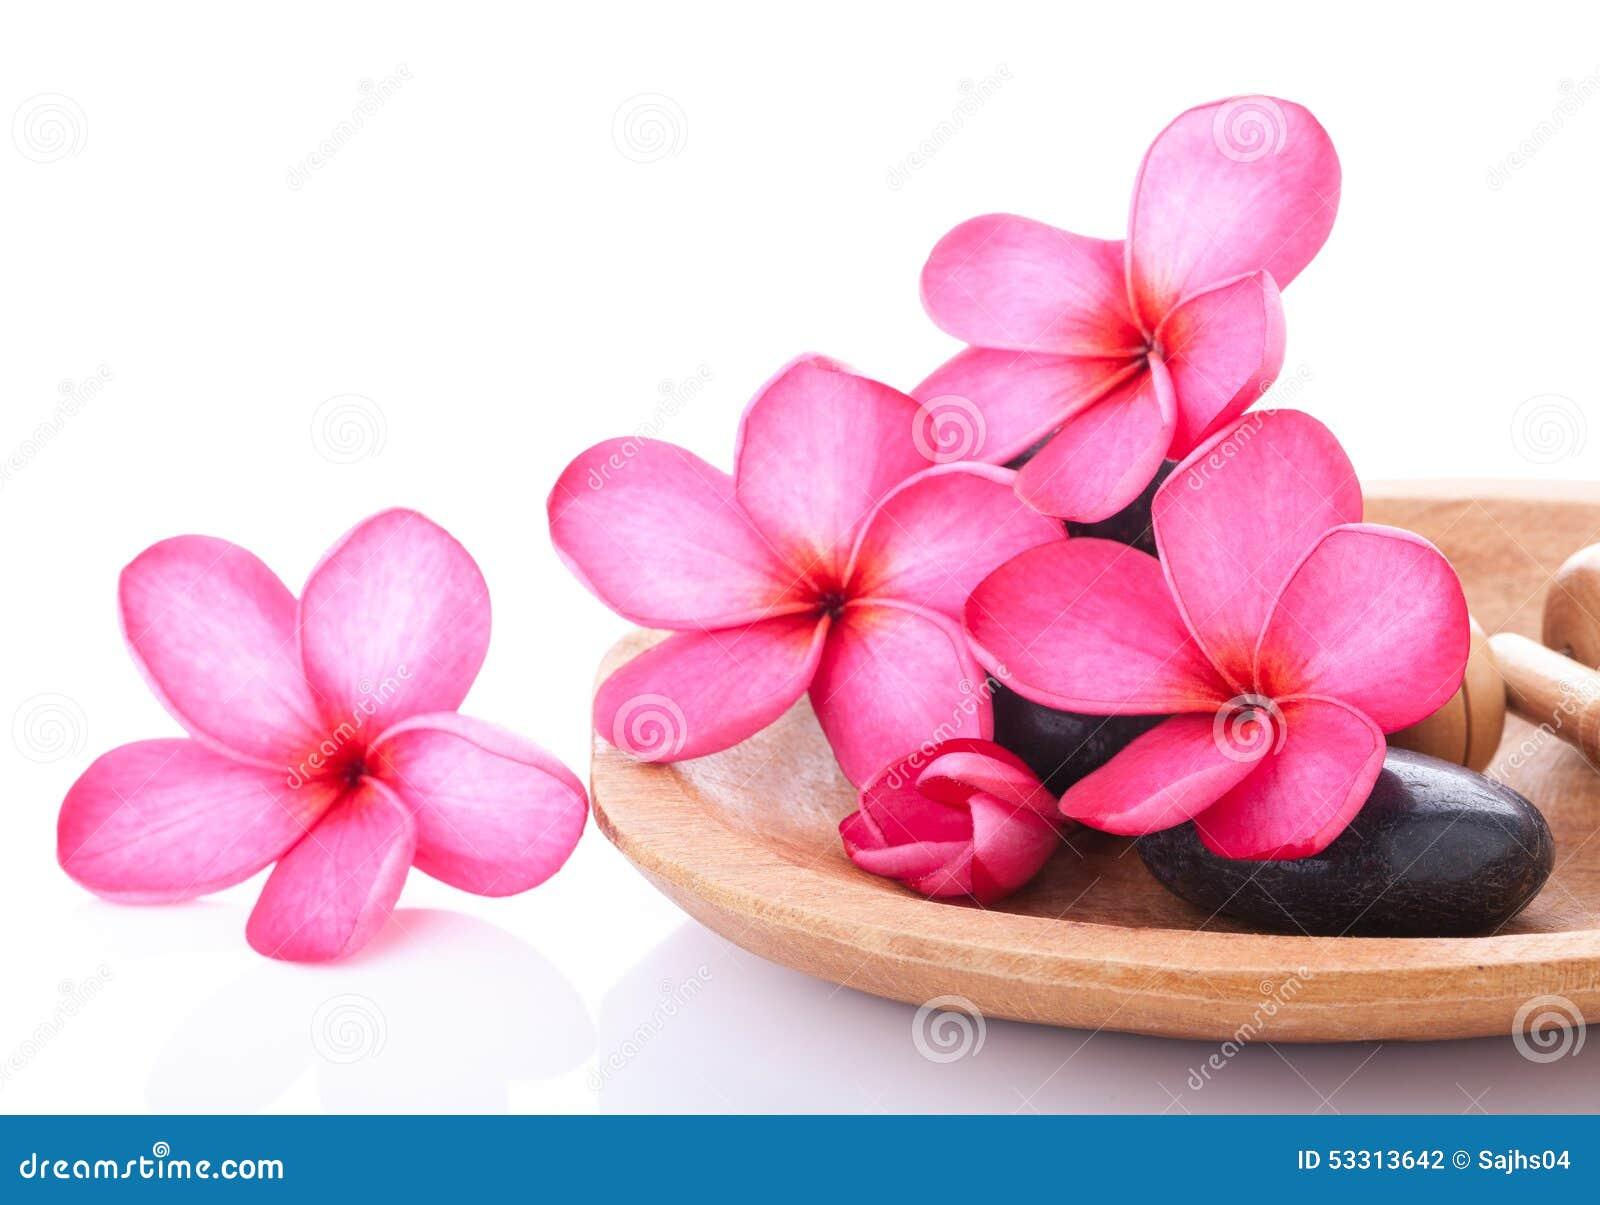 Bright pink plumeria